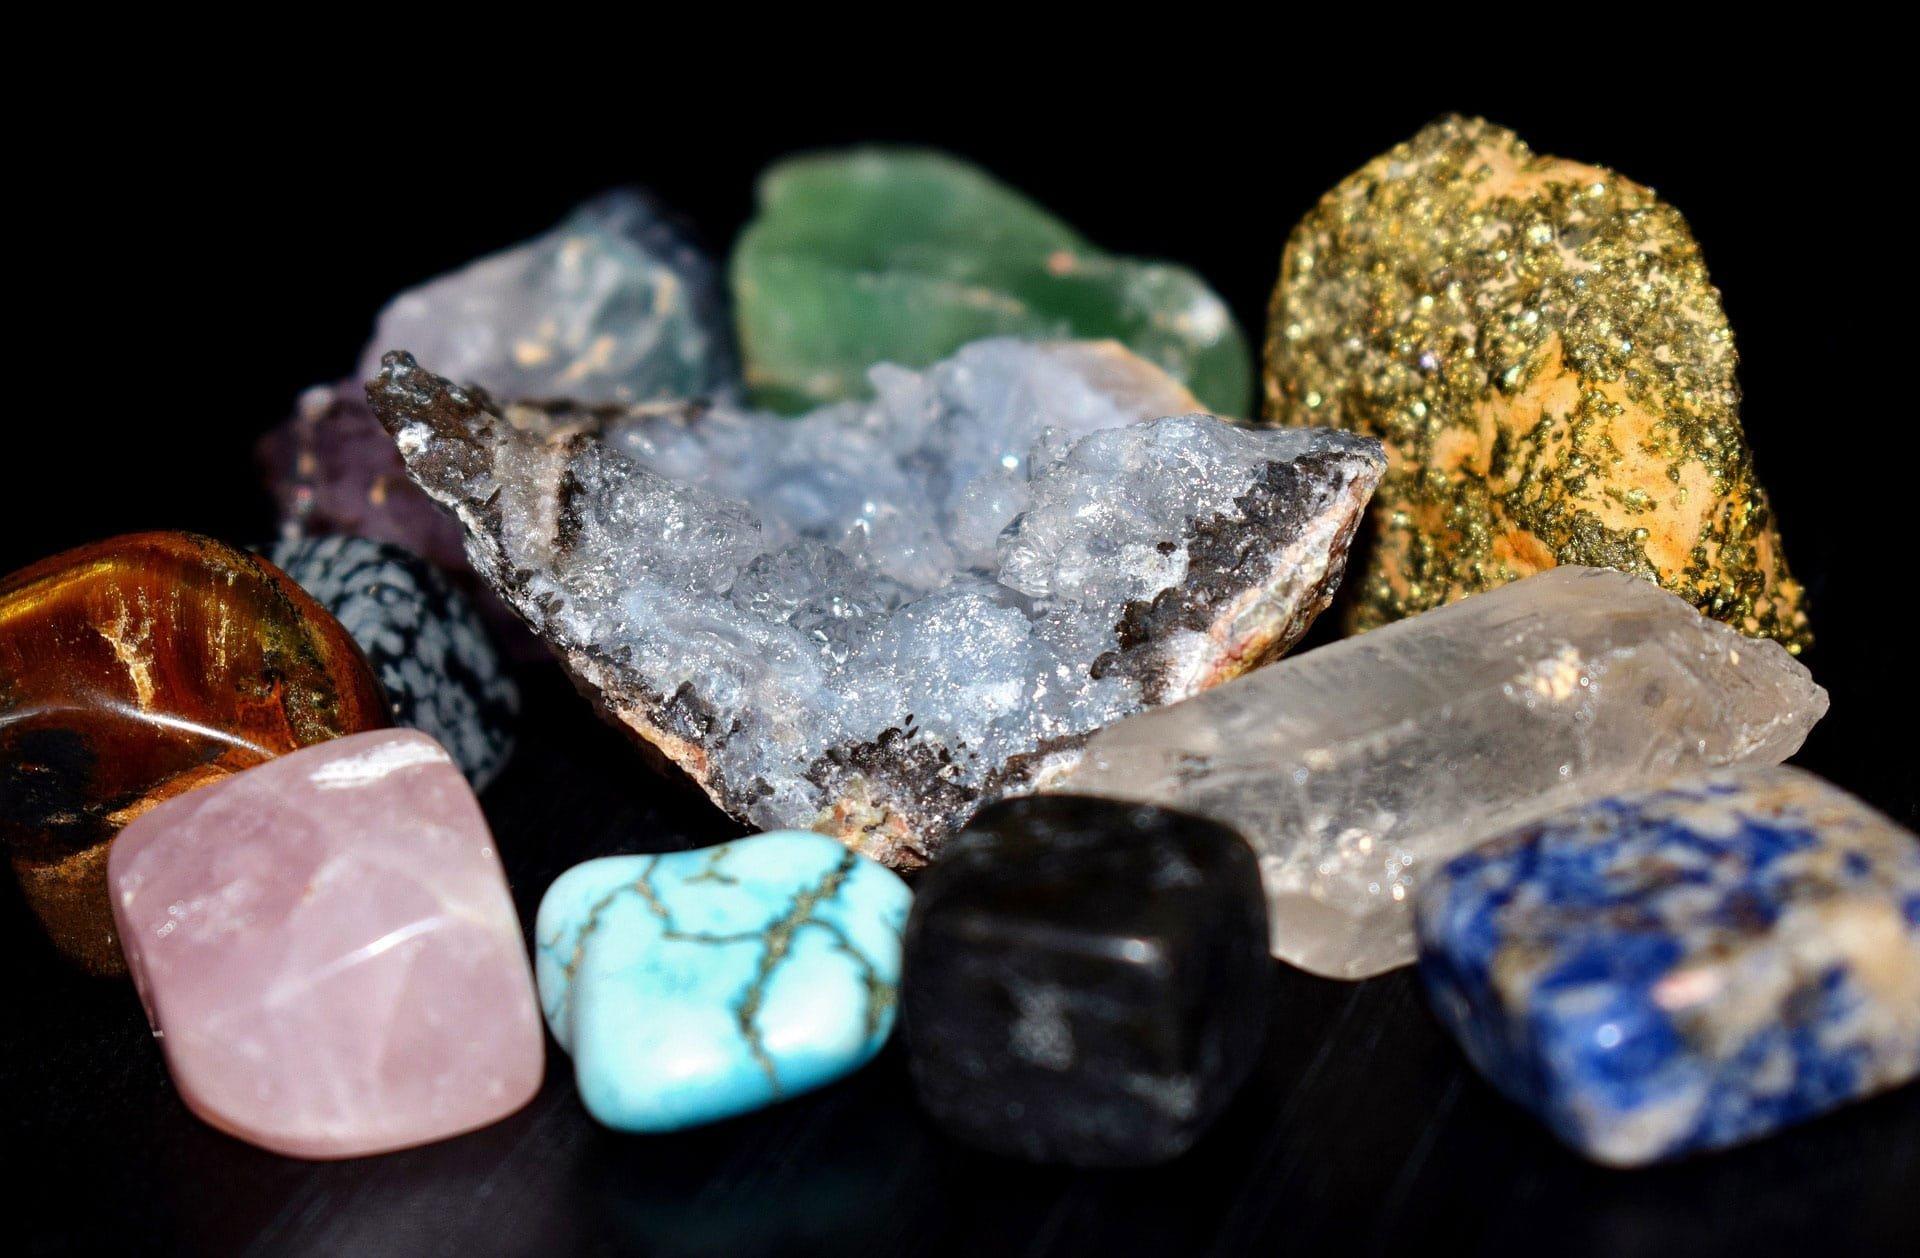 чаще виды минералов фото языки утверждают, якобы